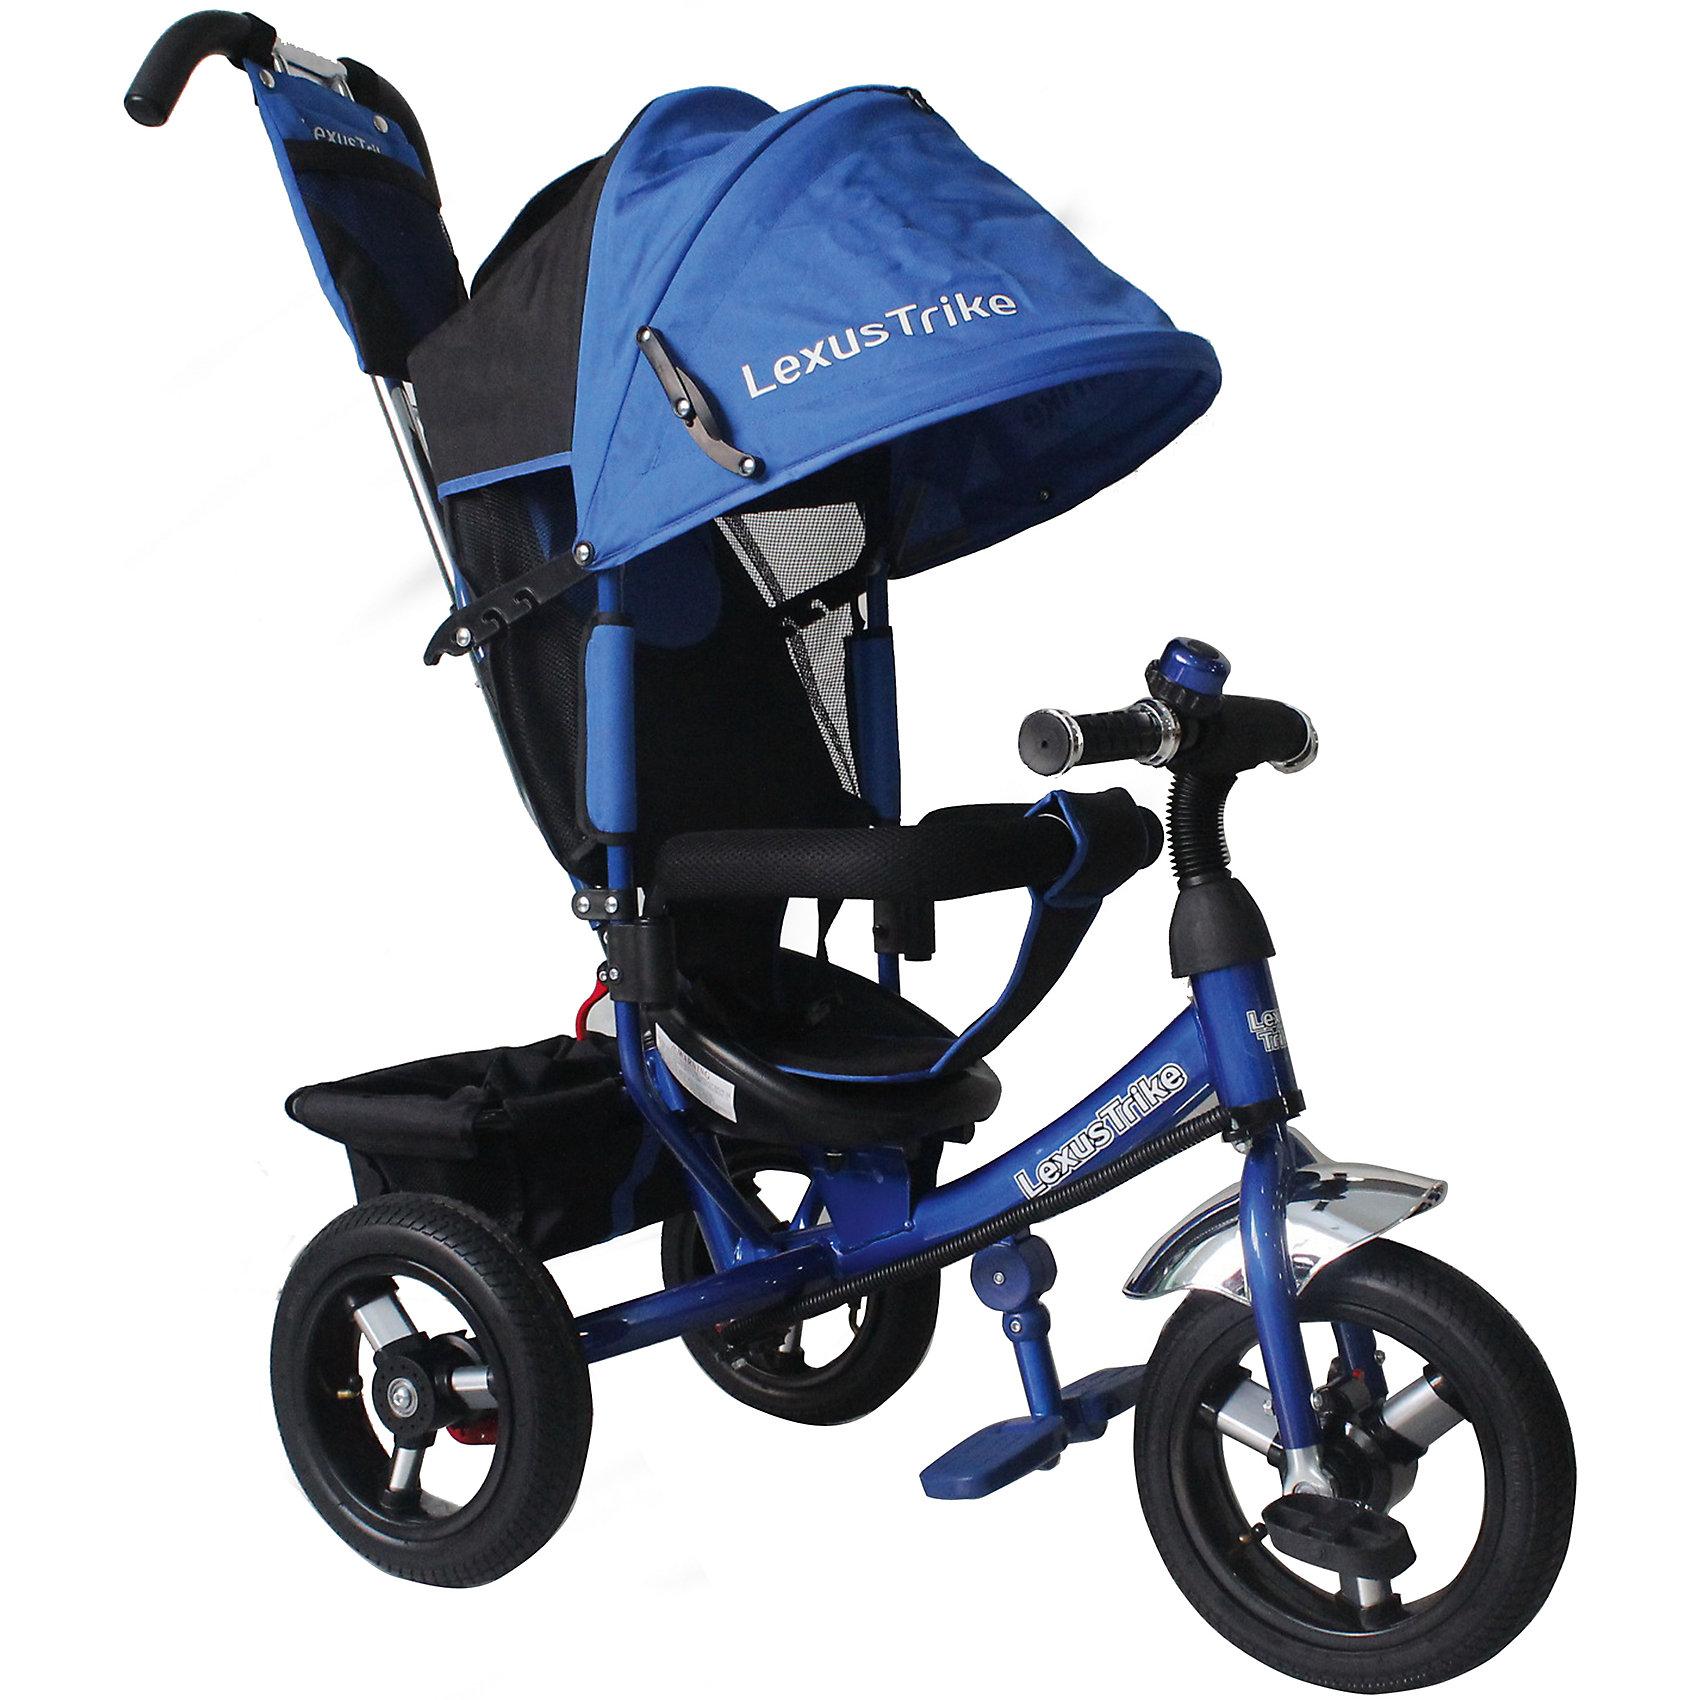 Трехколесный велосипед, регулир. спинка,синий, Lexus Trike LRнадувные резиновые колеса с алюминиевыми спицами и металлическими втулками передние 30 см (12) с функцией свободного хода, задние 25 см (10), - двойная телескопическая родительская ручка с мягкими рукоятками из пористой резины и сумочкой, - спинка с регулируемым углом наклона (3 положения), - складная подставкя для ног; - складной тент колясочного типа с фиксаторами положения и окошком, - сидение с двухточечным ремнем безопасности и мягкой вкладкой, - подголовник на спинке, - стопоры задних колёс, - регулируемая поворотная рычаг-спица, - раздвижная дуга безопасности с мягкими подлокотниками из пористой резины, - багажная корзина с затягивающимся верхом, - звонок на руле, синий, - цветная коробка<br><br>Ширина мм: 810<br>Глубина мм: 470<br>Высота мм: 1100<br>Вес г: 13300<br>Возраст от месяцев: 12<br>Возраст до месяцев: 36<br>Пол: Мужской<br>Возраст: Детский<br>SKU: 5526369